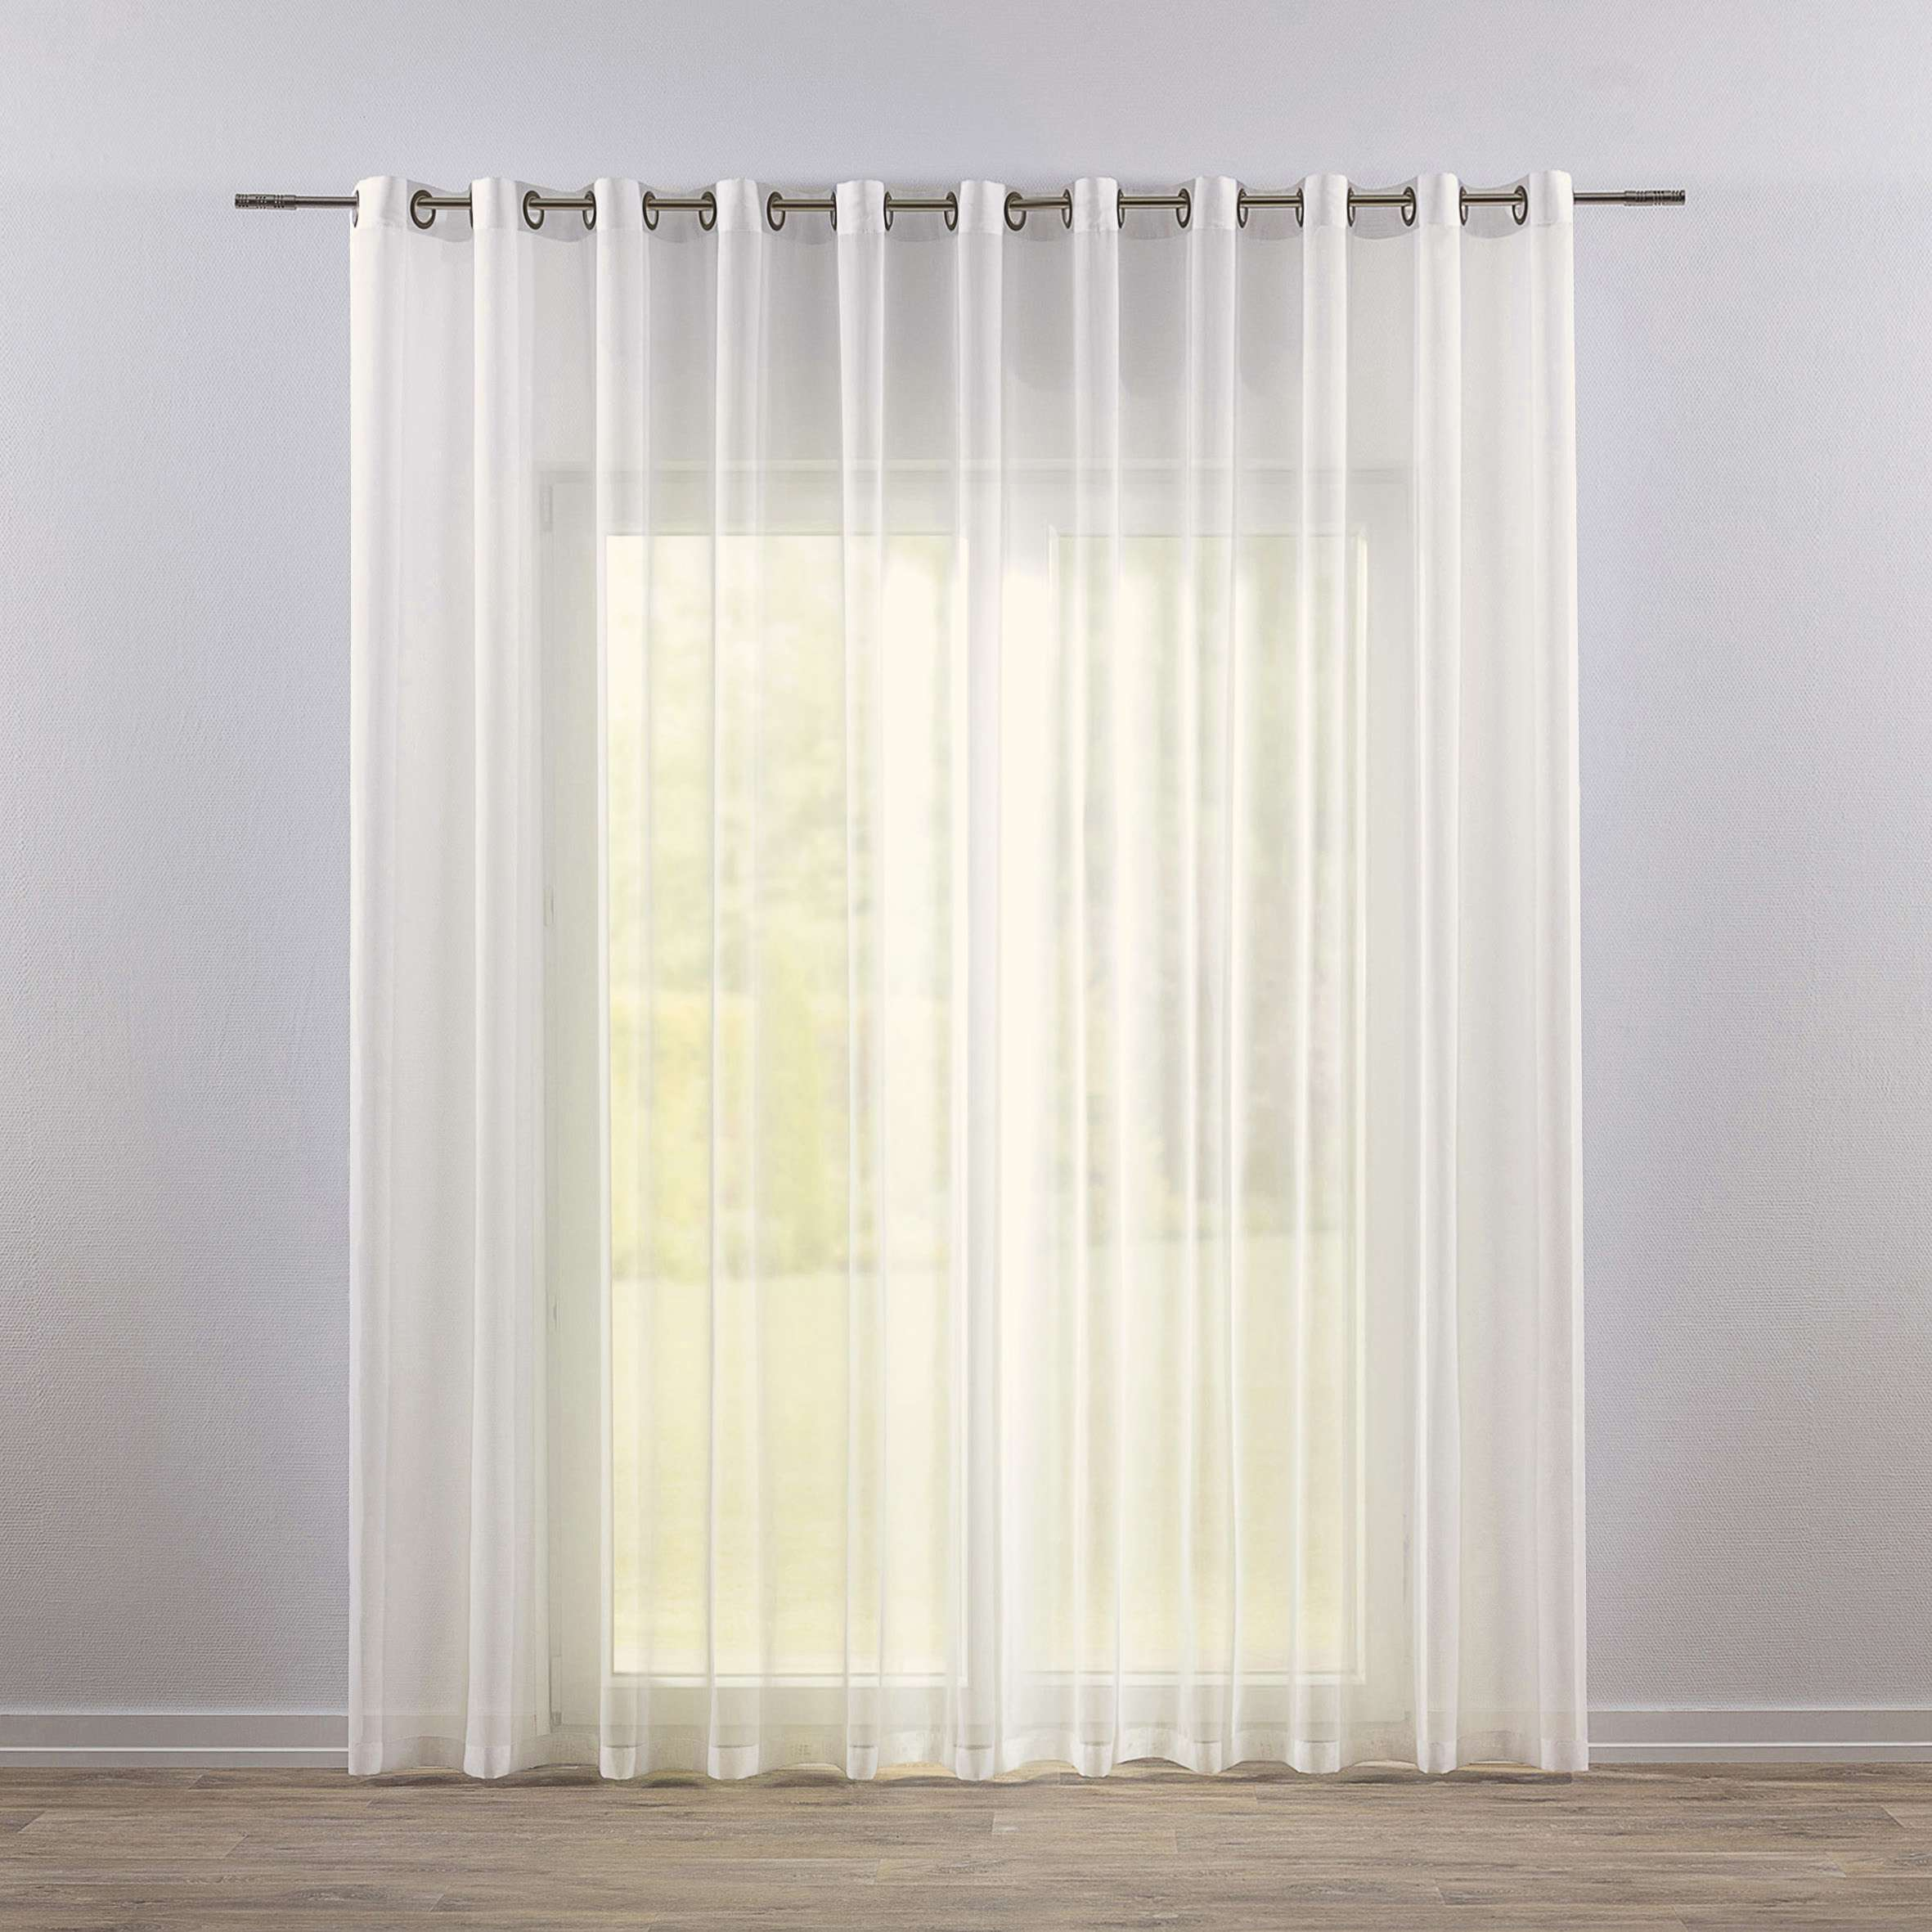 Firana woalowa prosta na kółkach 300x260cm w kolekcji Woale, tkanina: 900-01